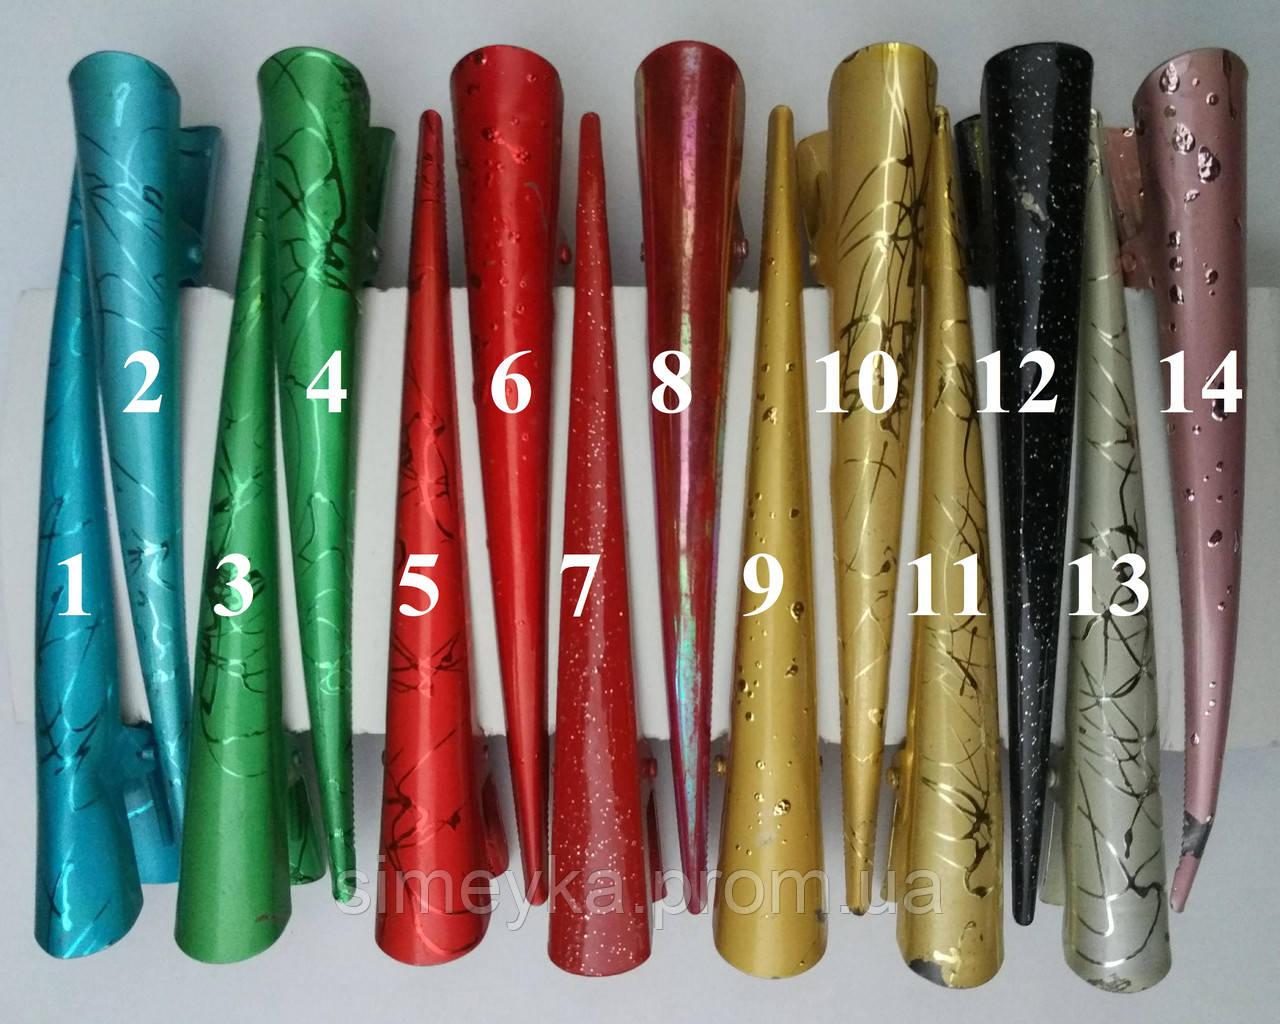 """Уцінка!!! Зажим стріла """"уточка"""" великий кольоровий глянсовий 12,5 см, 1 шт (є вм'ятинки, подряпини)"""